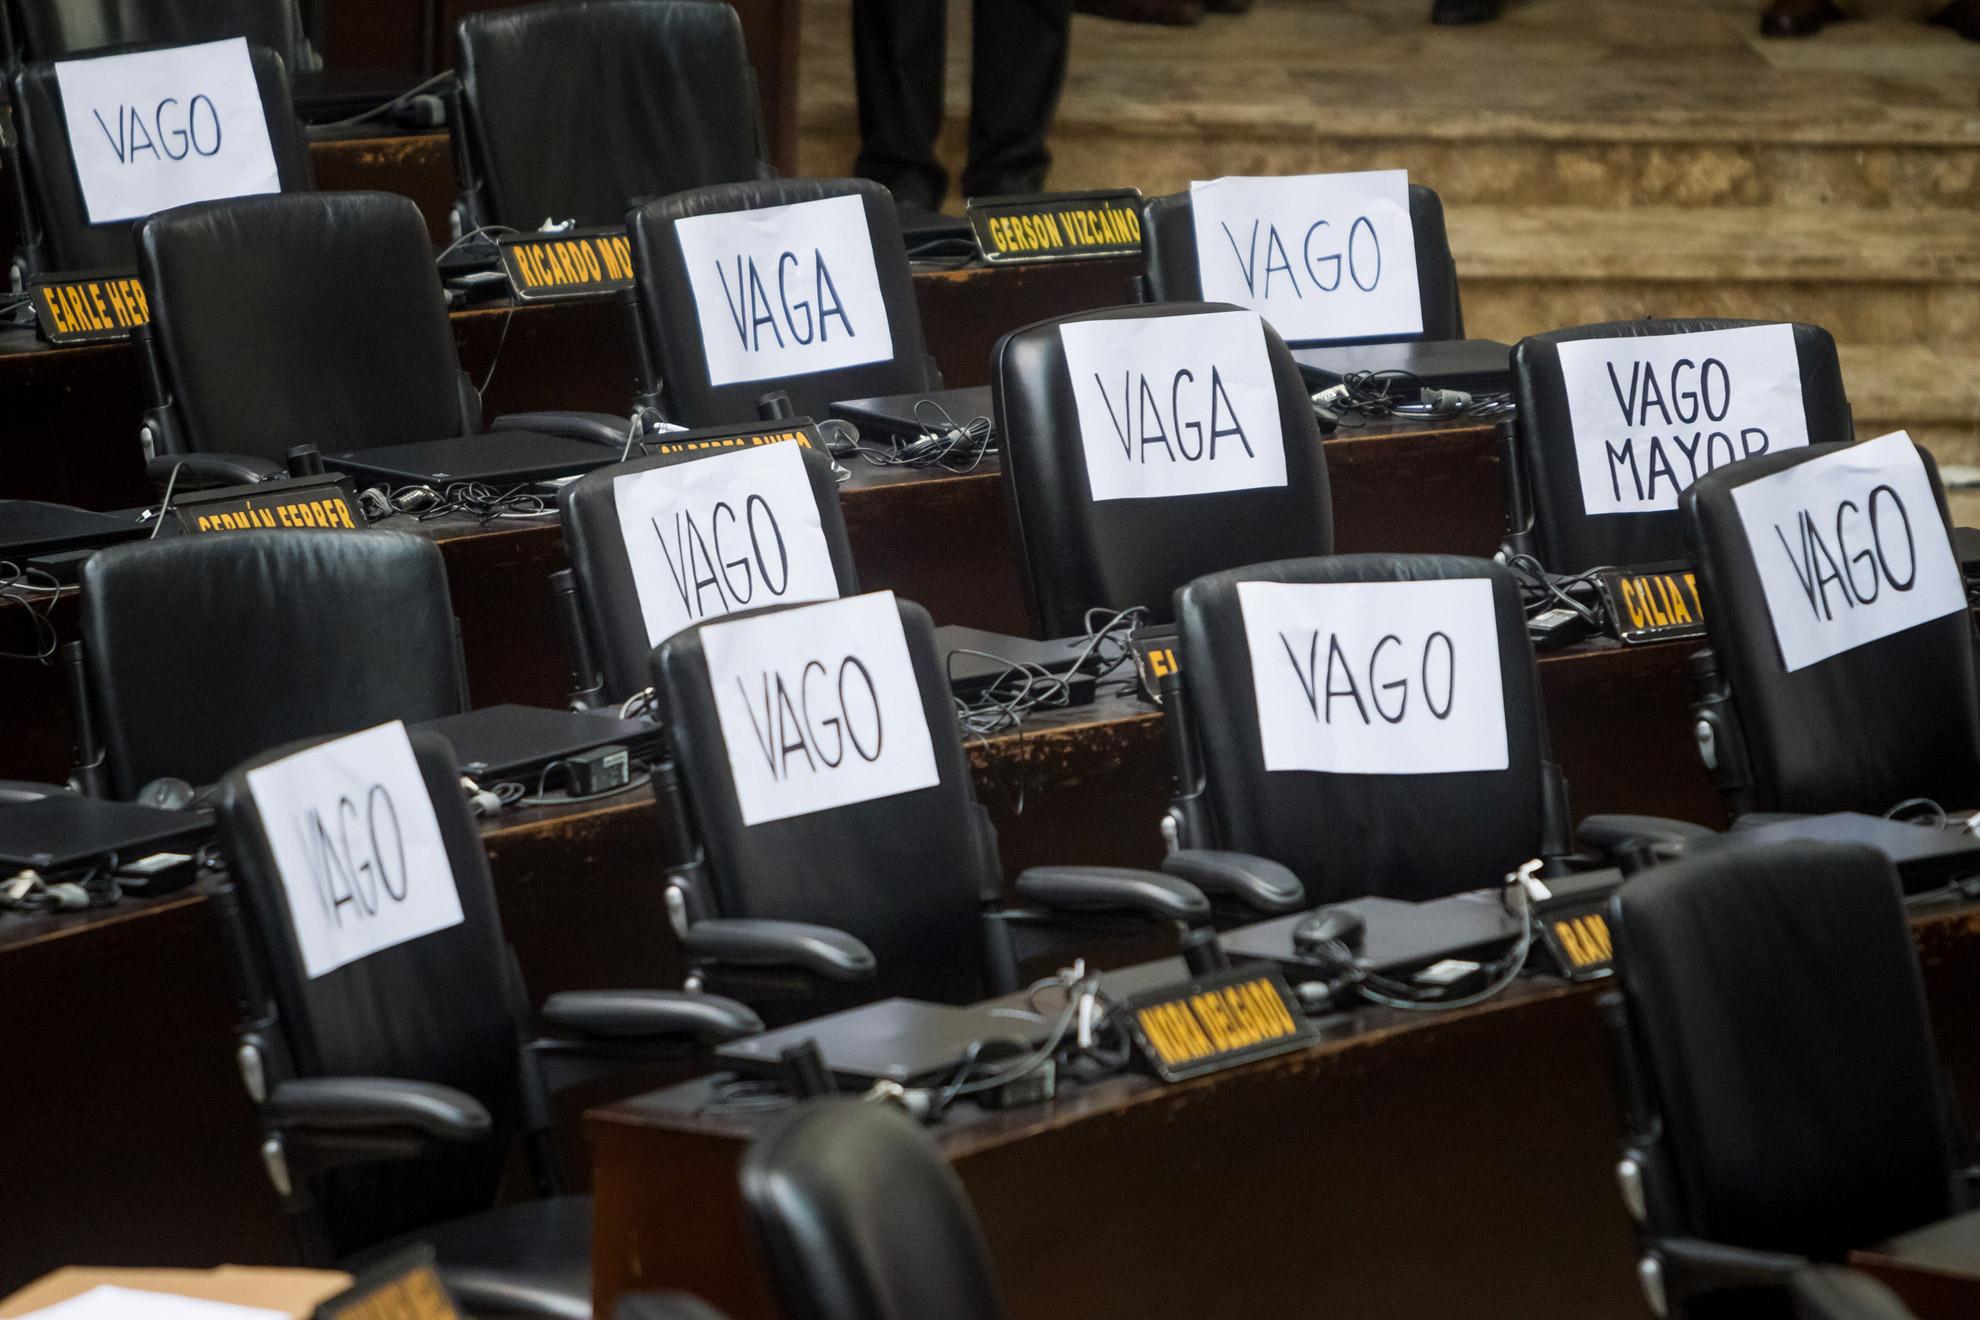 Gobierno de Nicolas Maduro. - Página 2 Vagos-AN-2